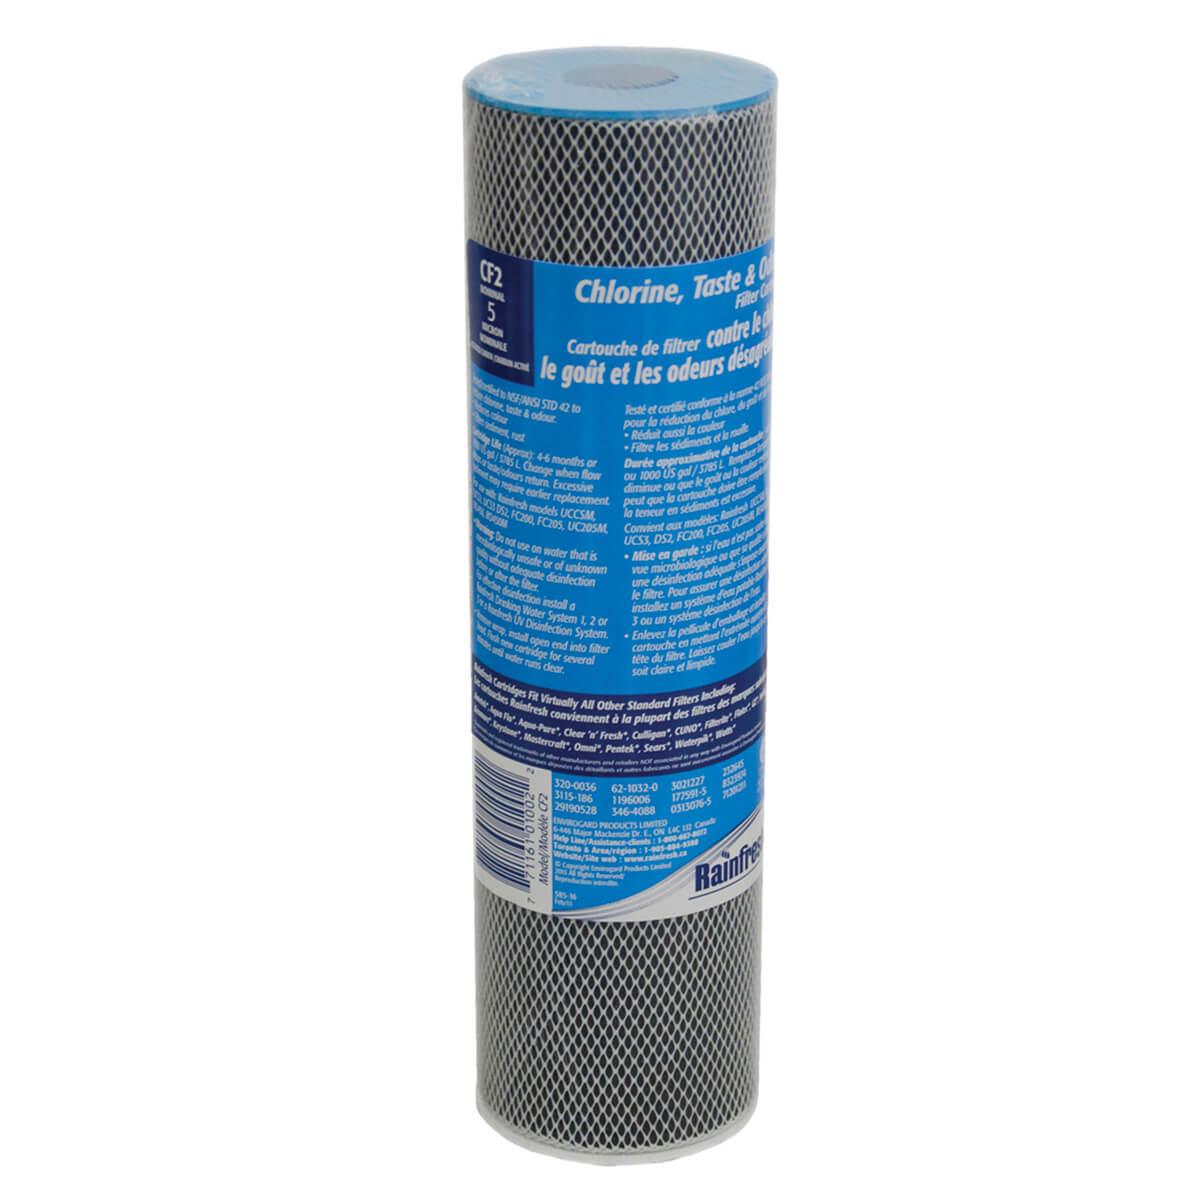 Rainfresh Chlorine Taste & Odour Filter Cartridge - CF2